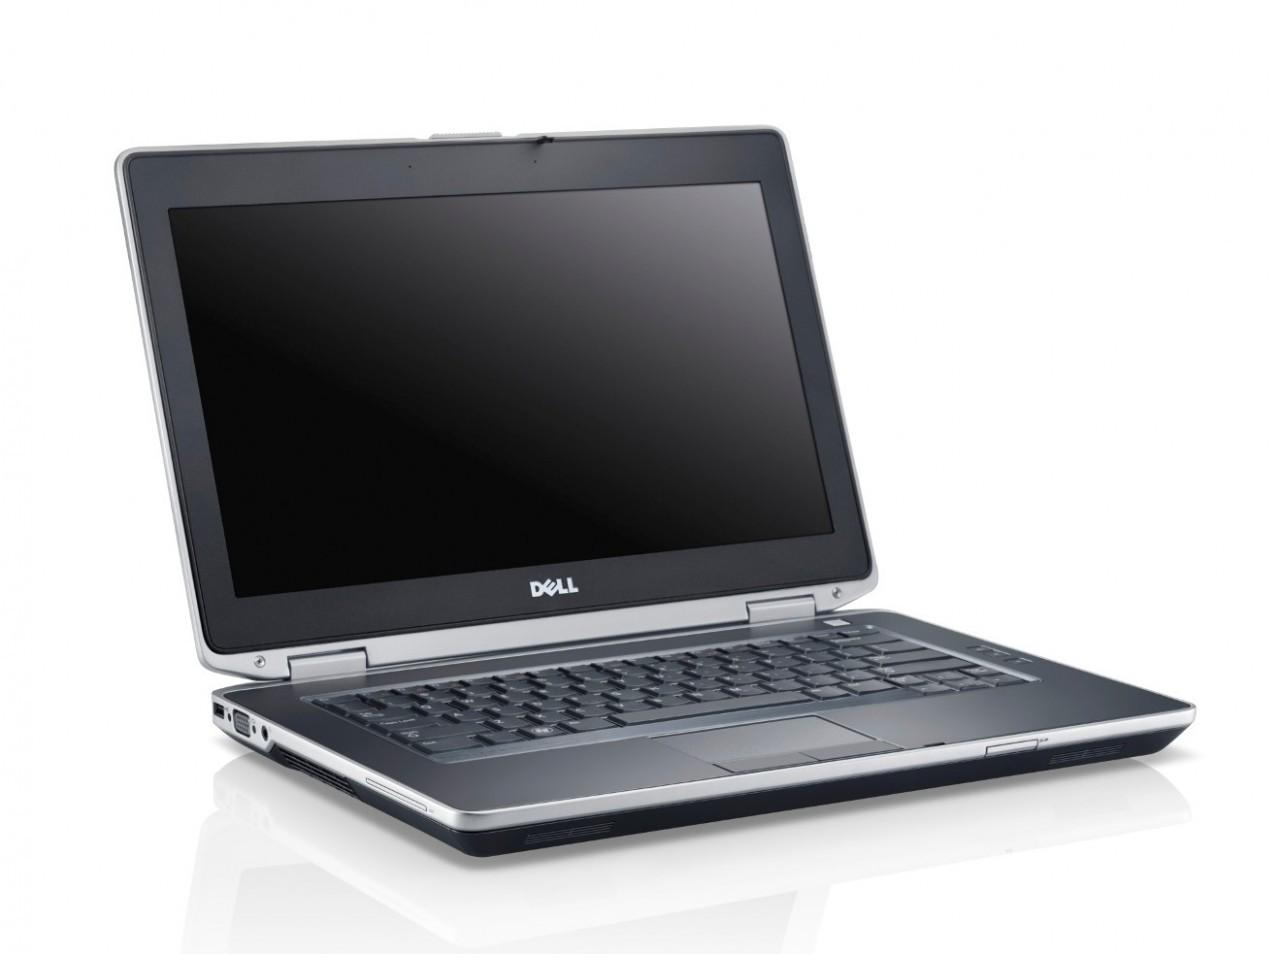 لابتوب DELL E6430 أقوى لاب مصفح بكارت إنفيديا 1 جيجا DDR5